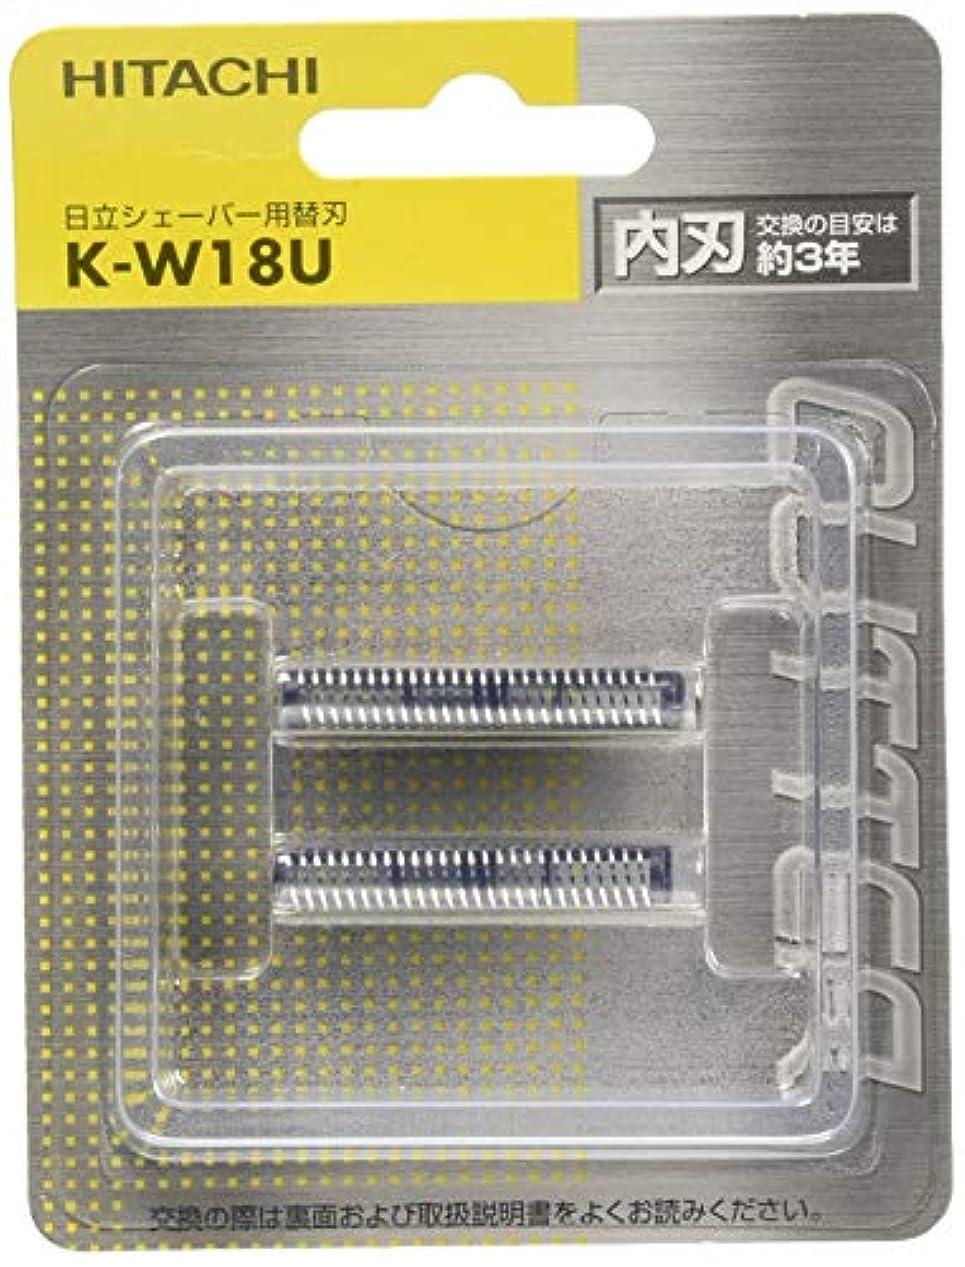 むしゃむしゃ寝てるベックス日立 替刃 内刃 K-W18U